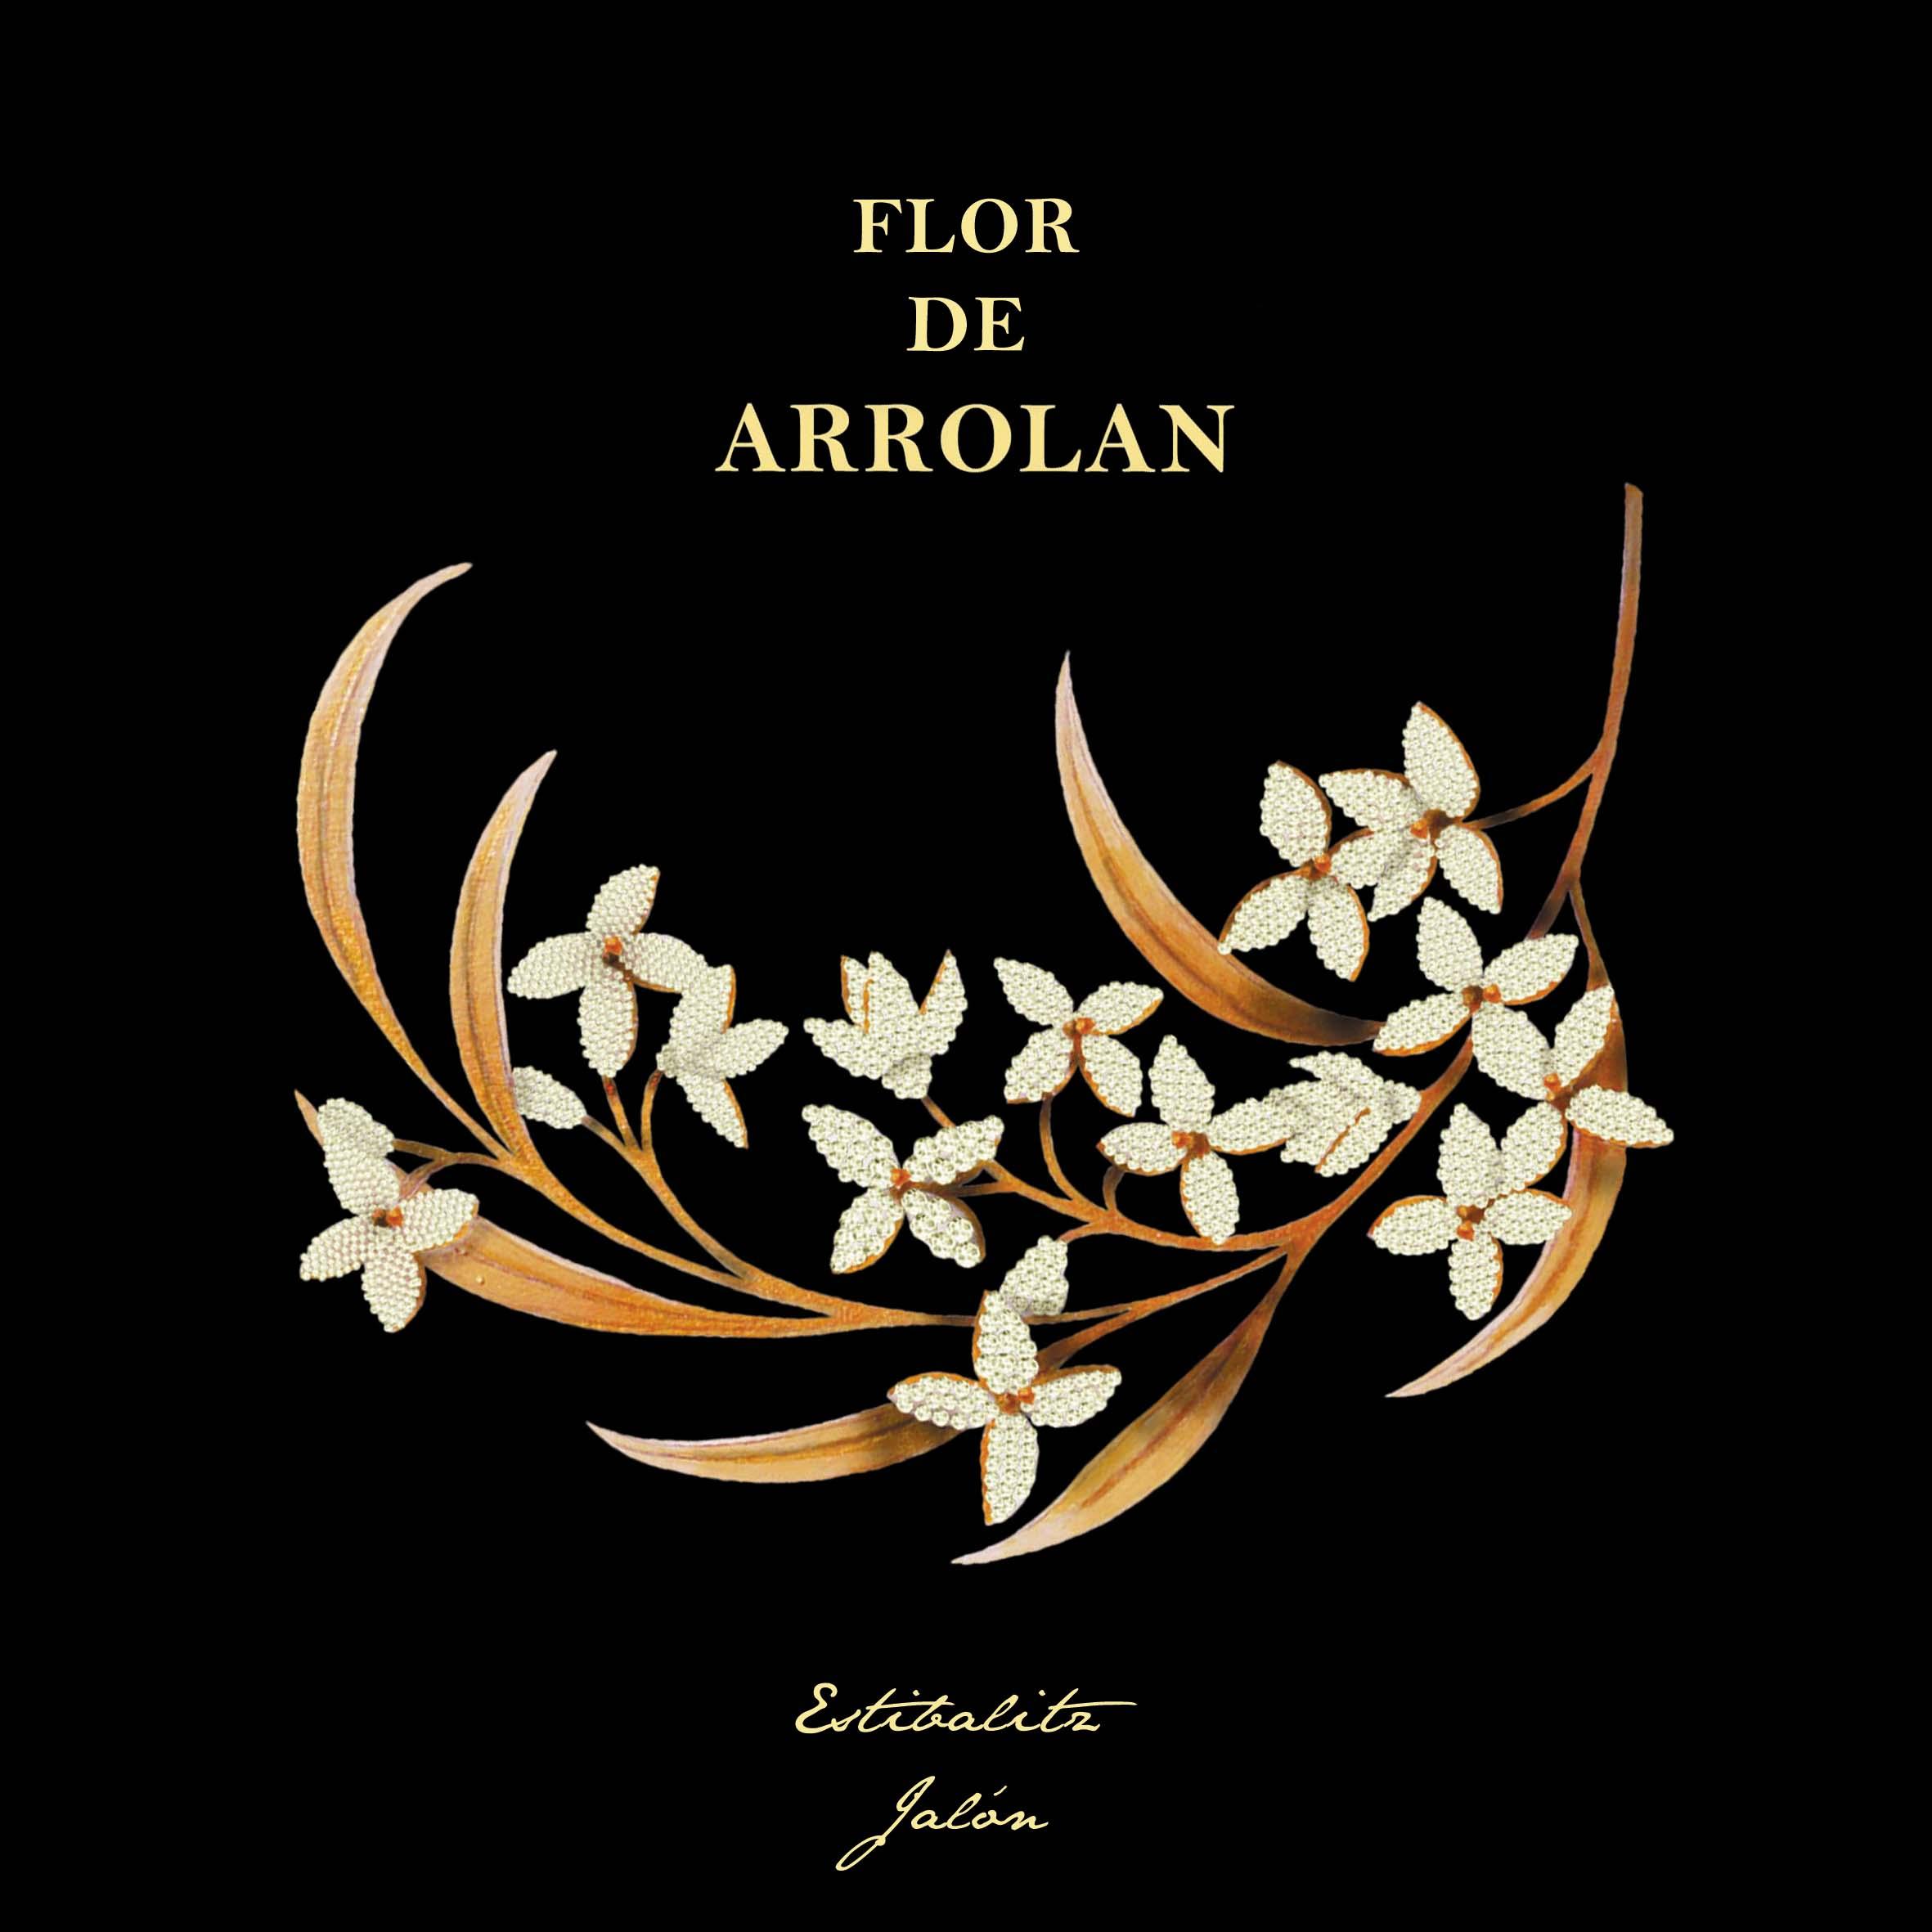 FLOR DE ARROLAN